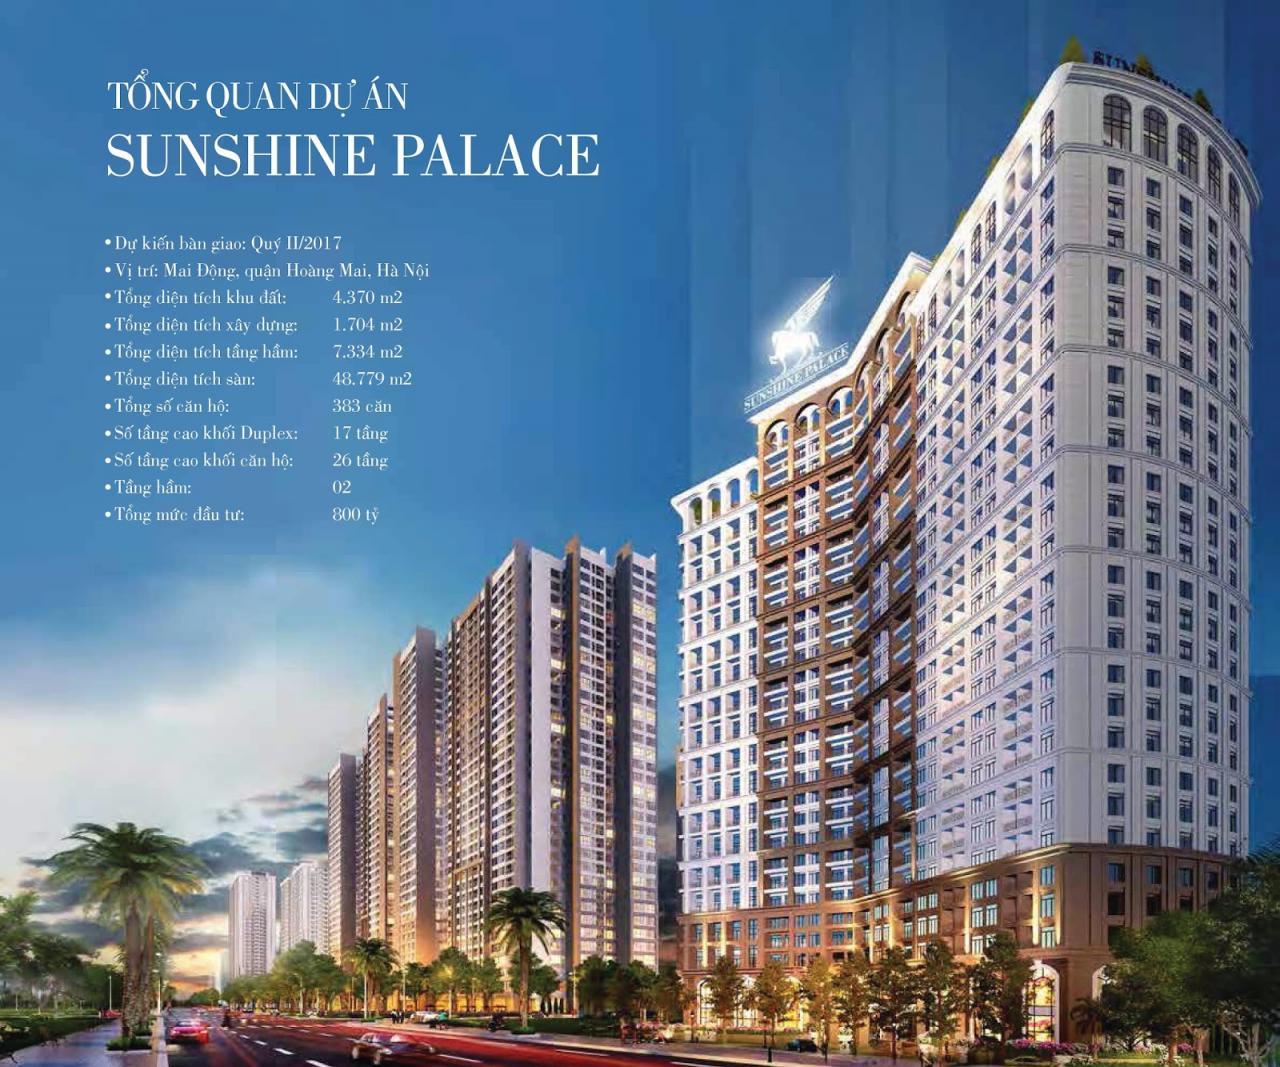 Phối cảnh tổng quan chung cư Sunshine Palace